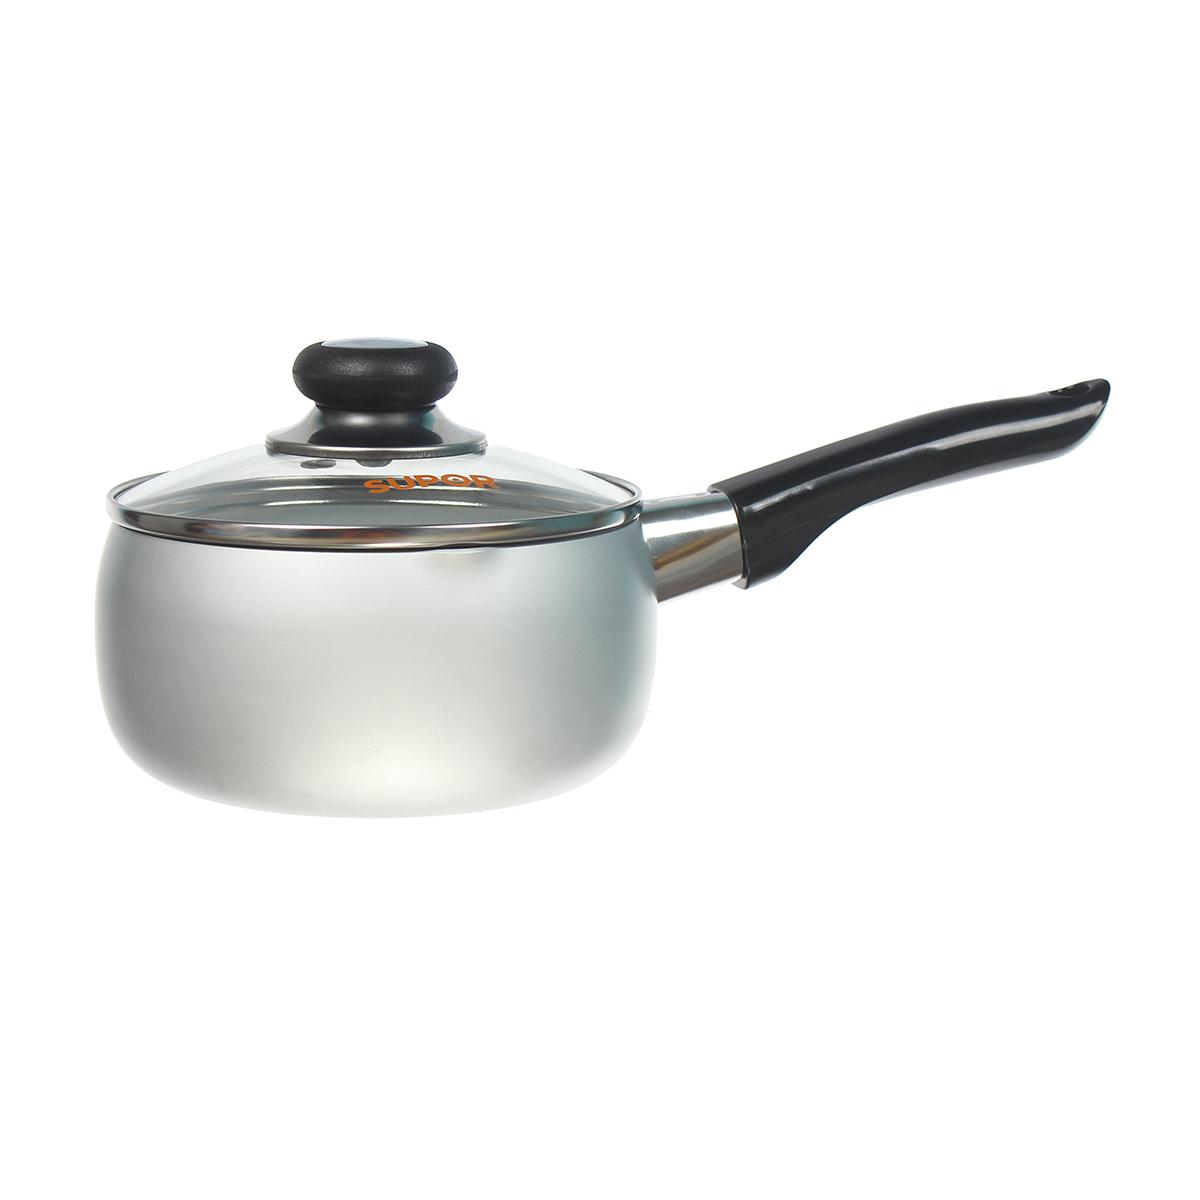 nồi nấu bột cho bé Supor PS14 dễ dàng quan sát thức ăn